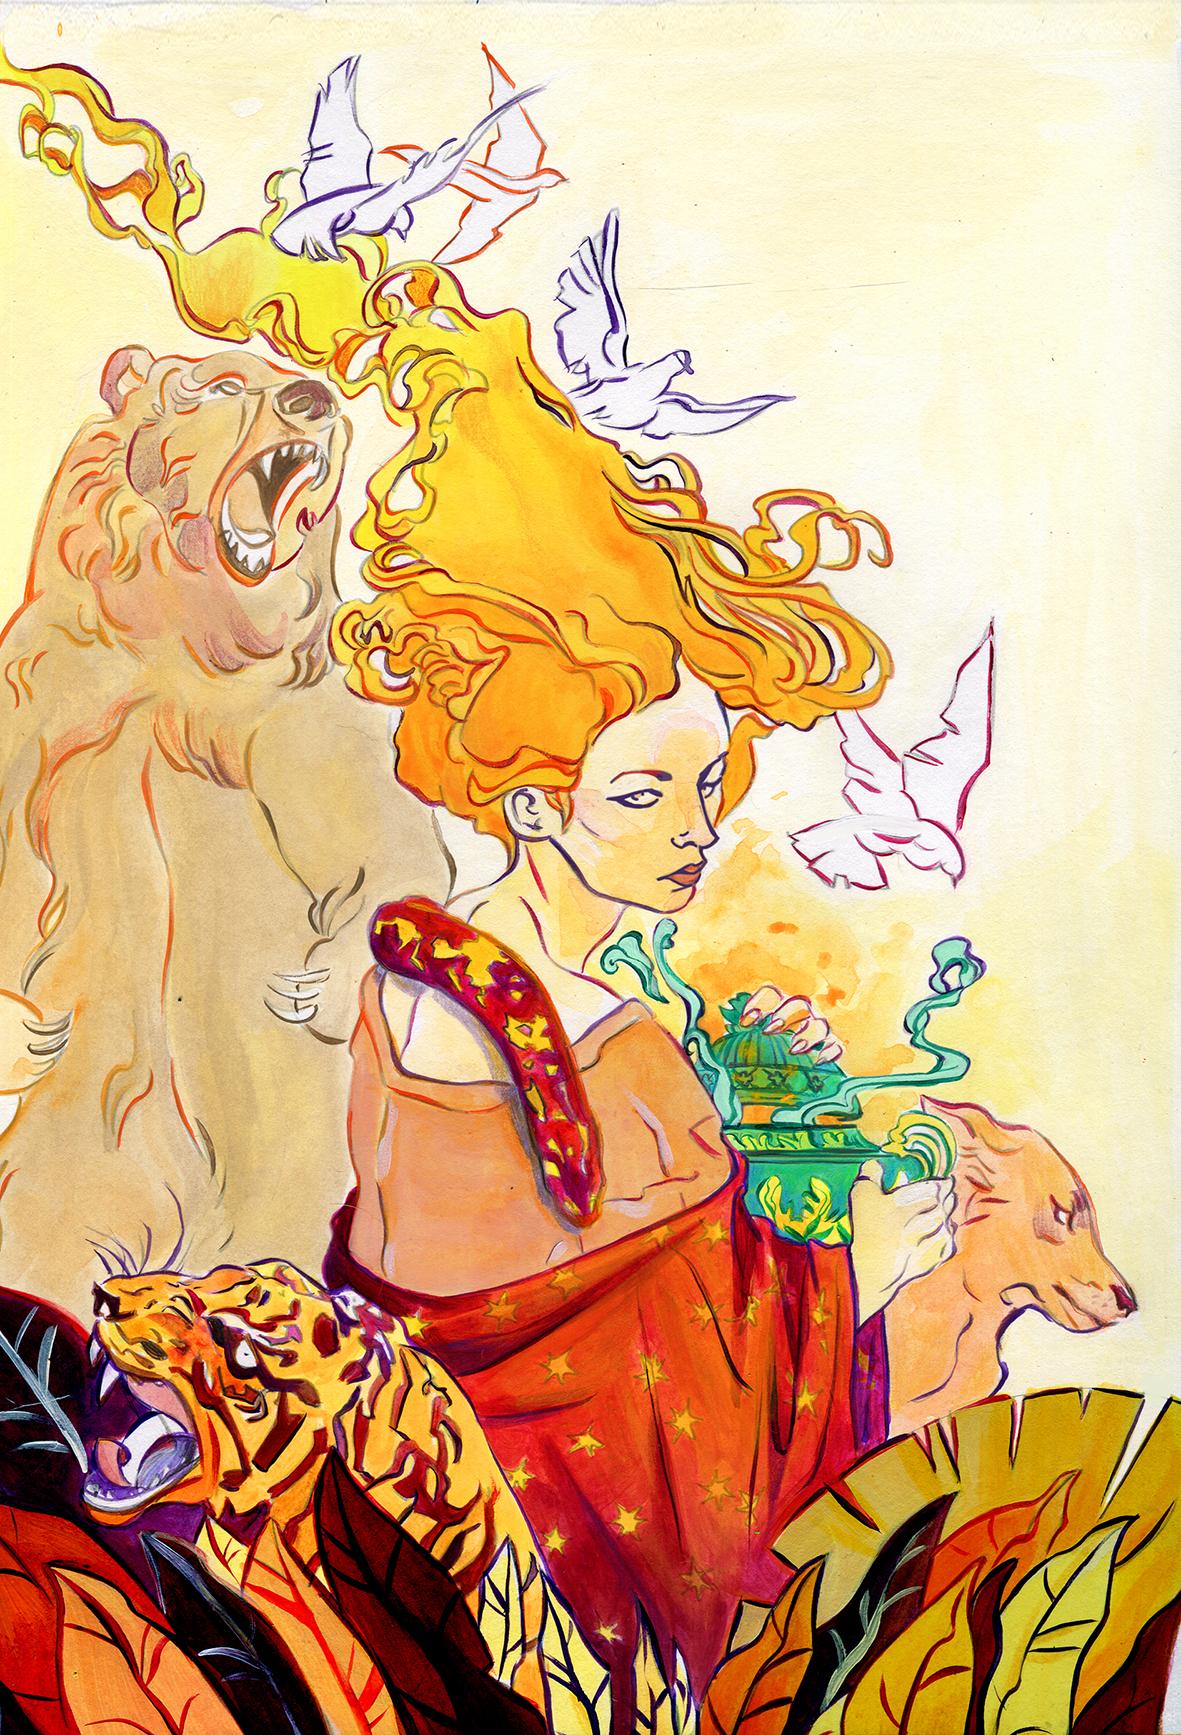 Pandora: illustrazione ad acrilico per il libro La bellezza di Medusa (DeA, 2019), scritto da Sabina Colloredo (Courtesy: La 3am)